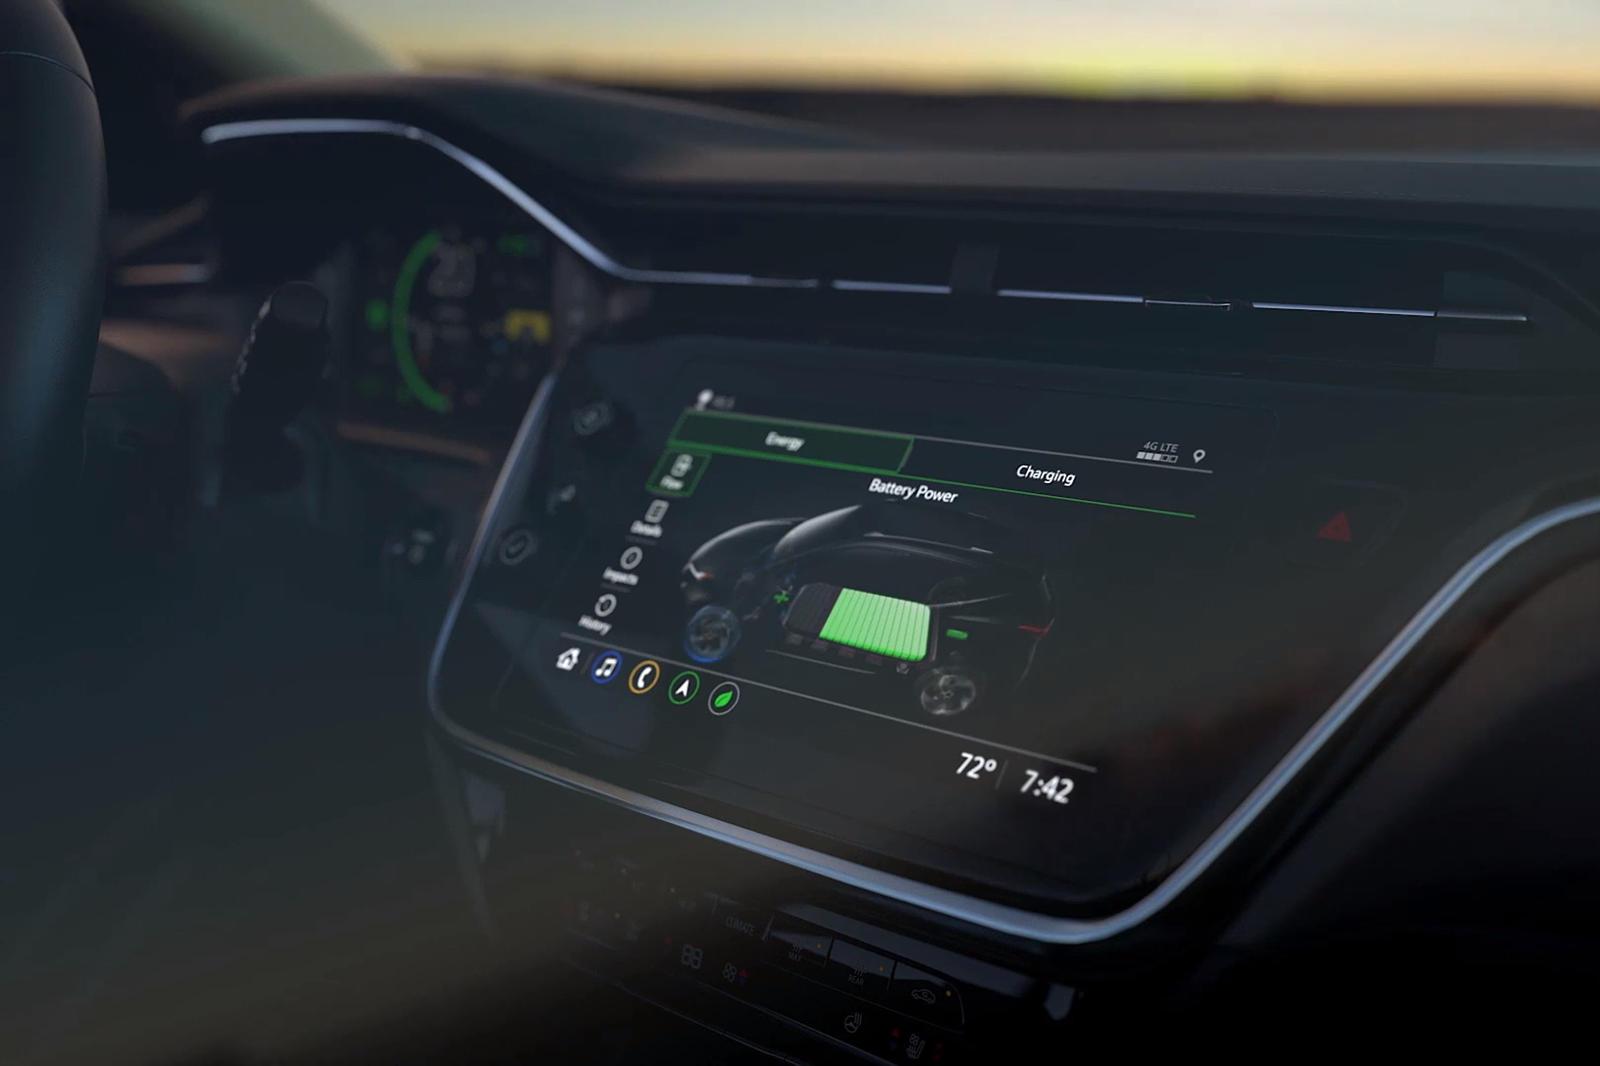 Chevy намекнул, что Bolt EUV получит новую информационно-развлекательную систему и капитально обновленный интерьер, но мы впервые видим эти изменения собственными глазами. Короткий 10-секундный тизер не показывает многого, но он показывает новый экра